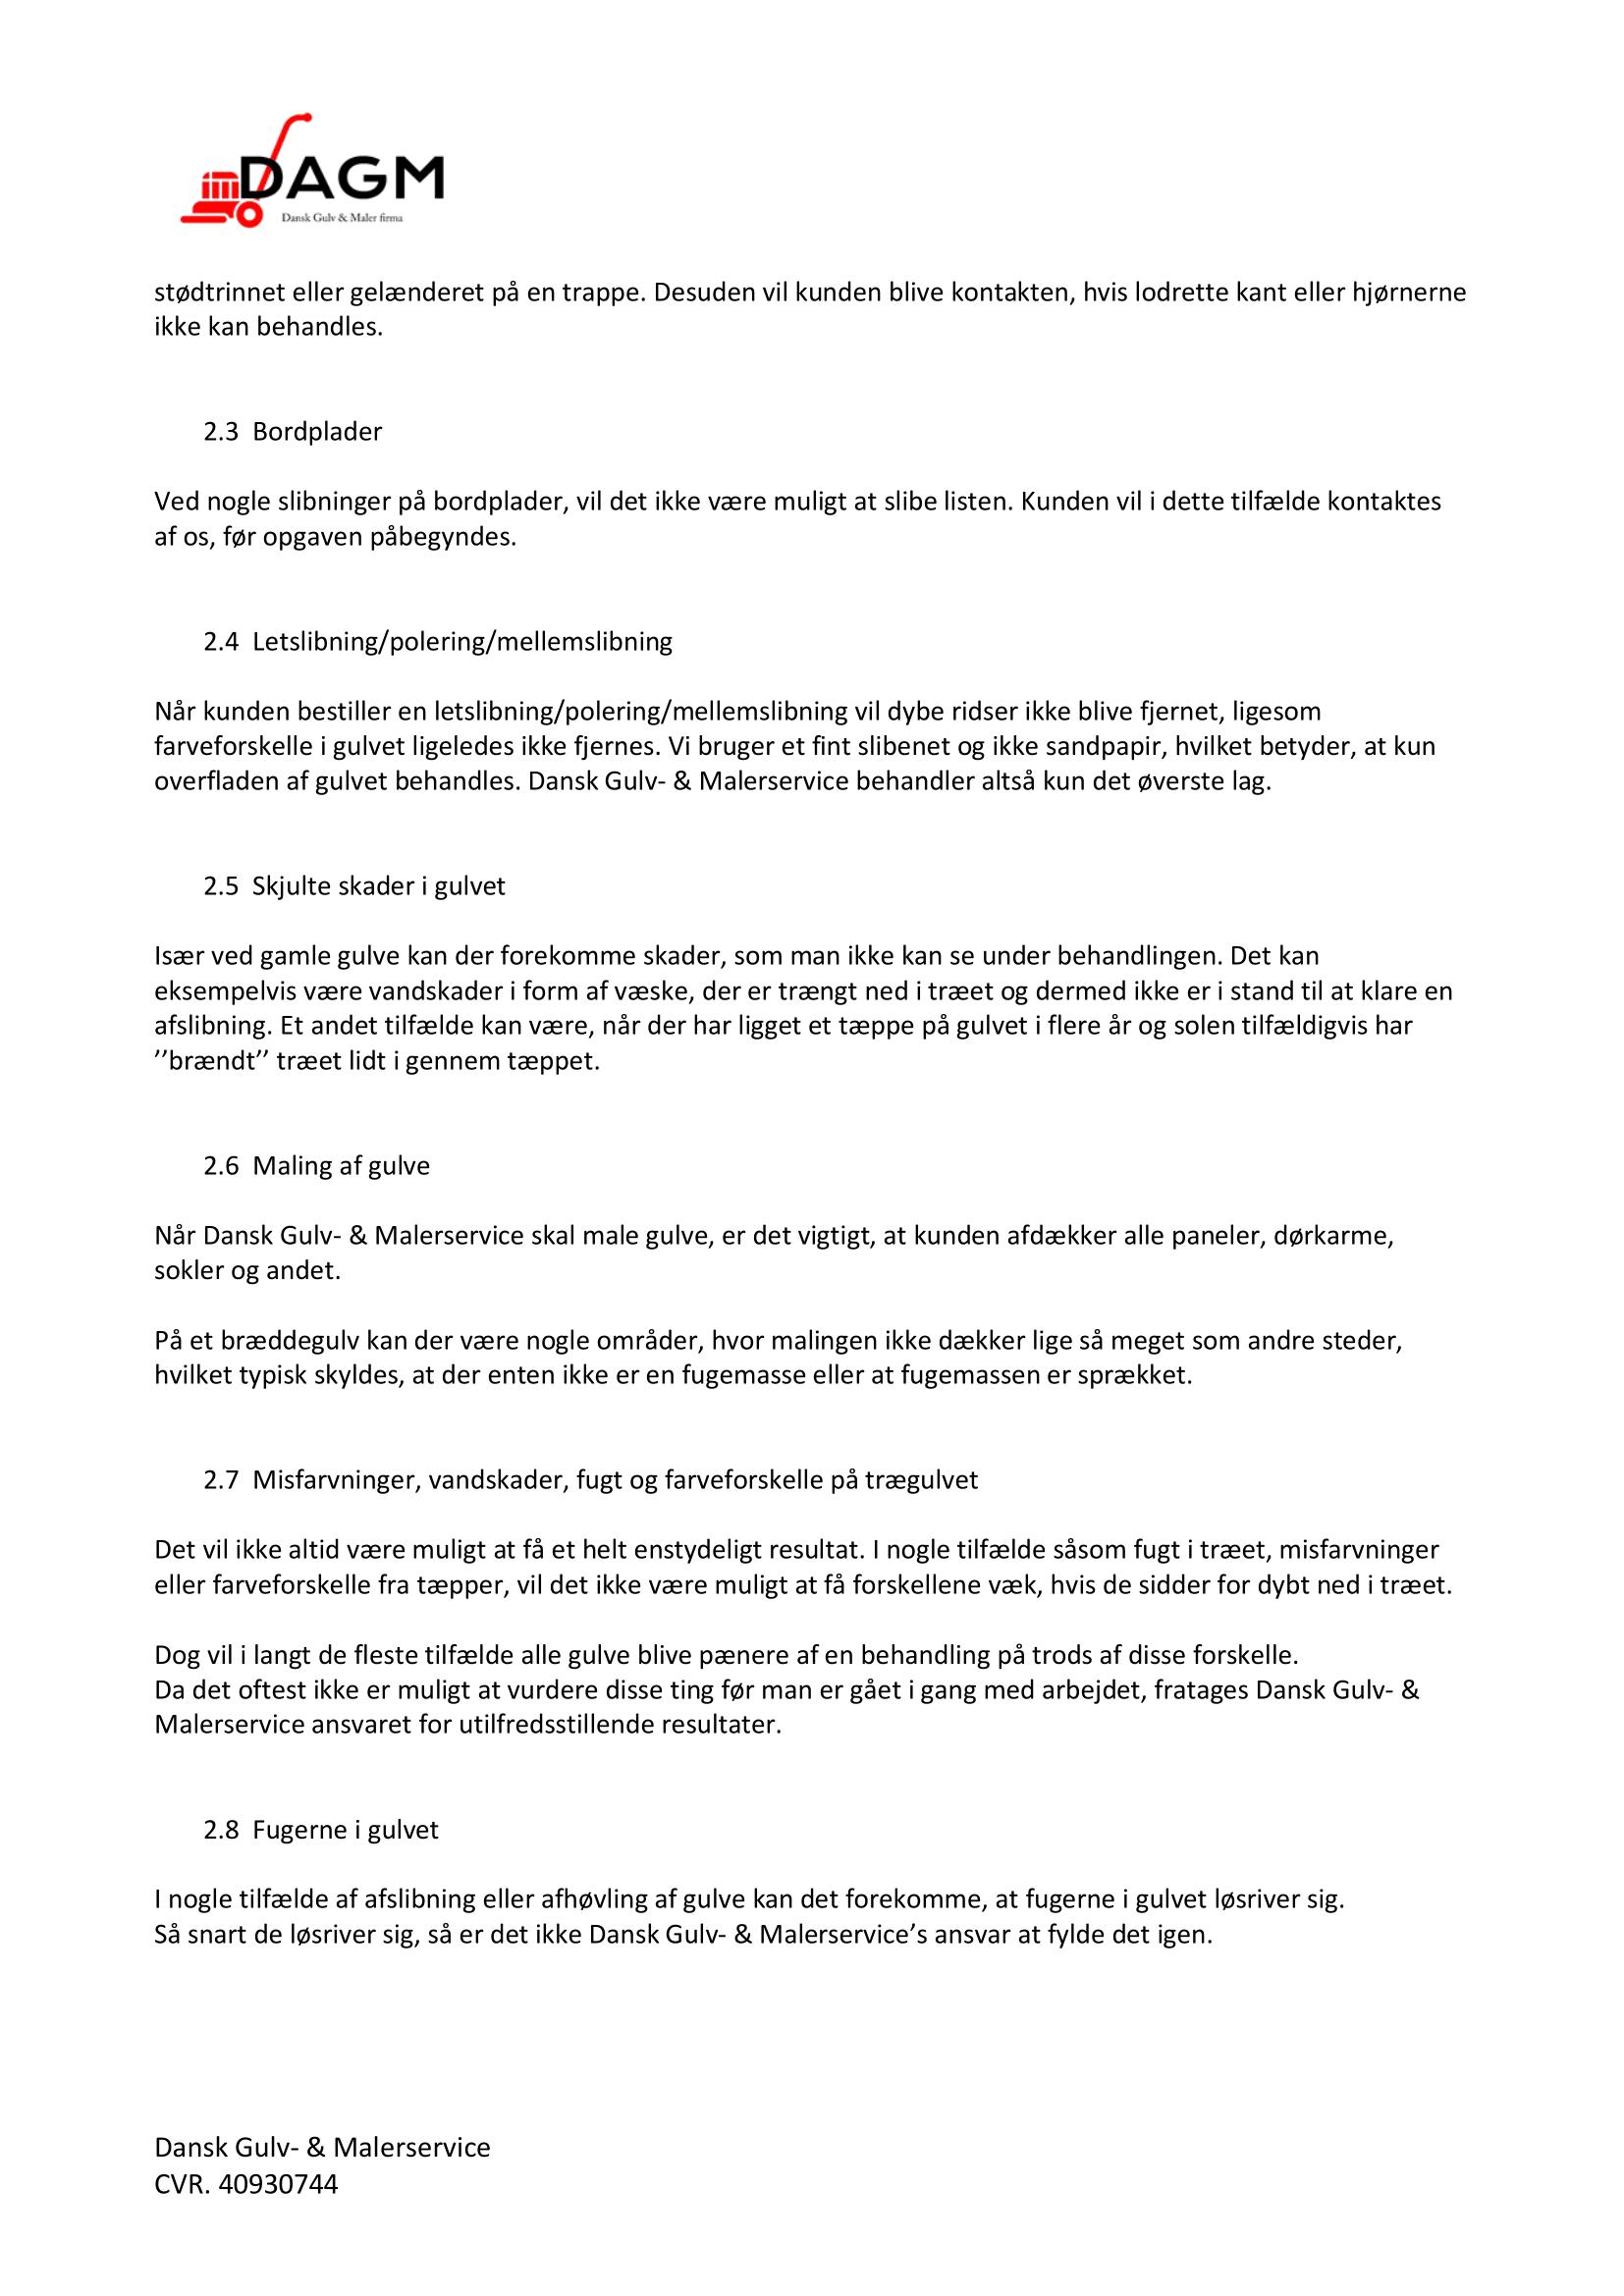 Arbejdsbetingelser-3.png